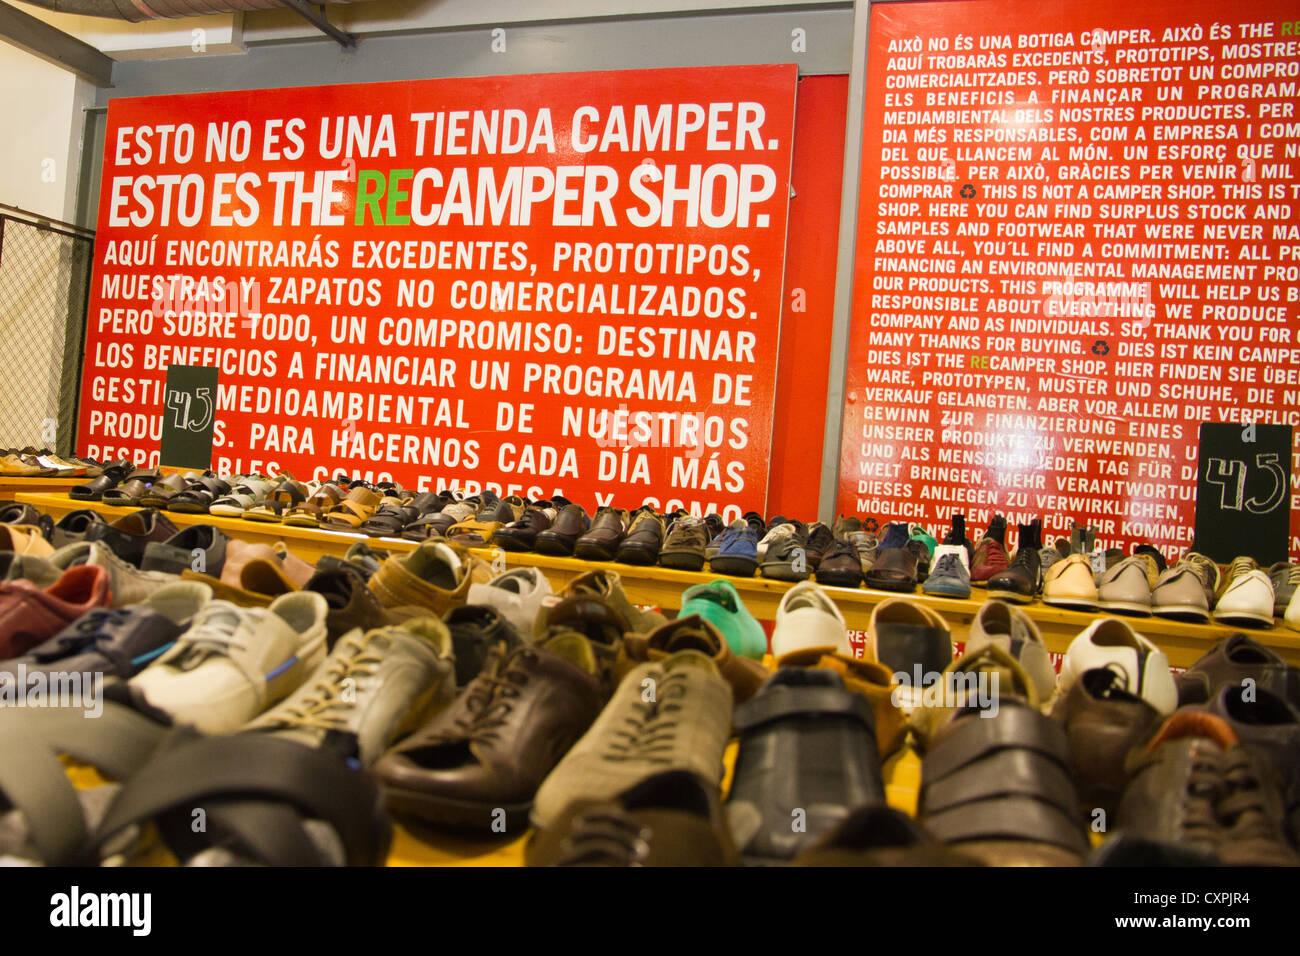 De España Mallorca Inca Outlet 31bb47 Camper Zapatos Foto Tienda TFAqwd6T